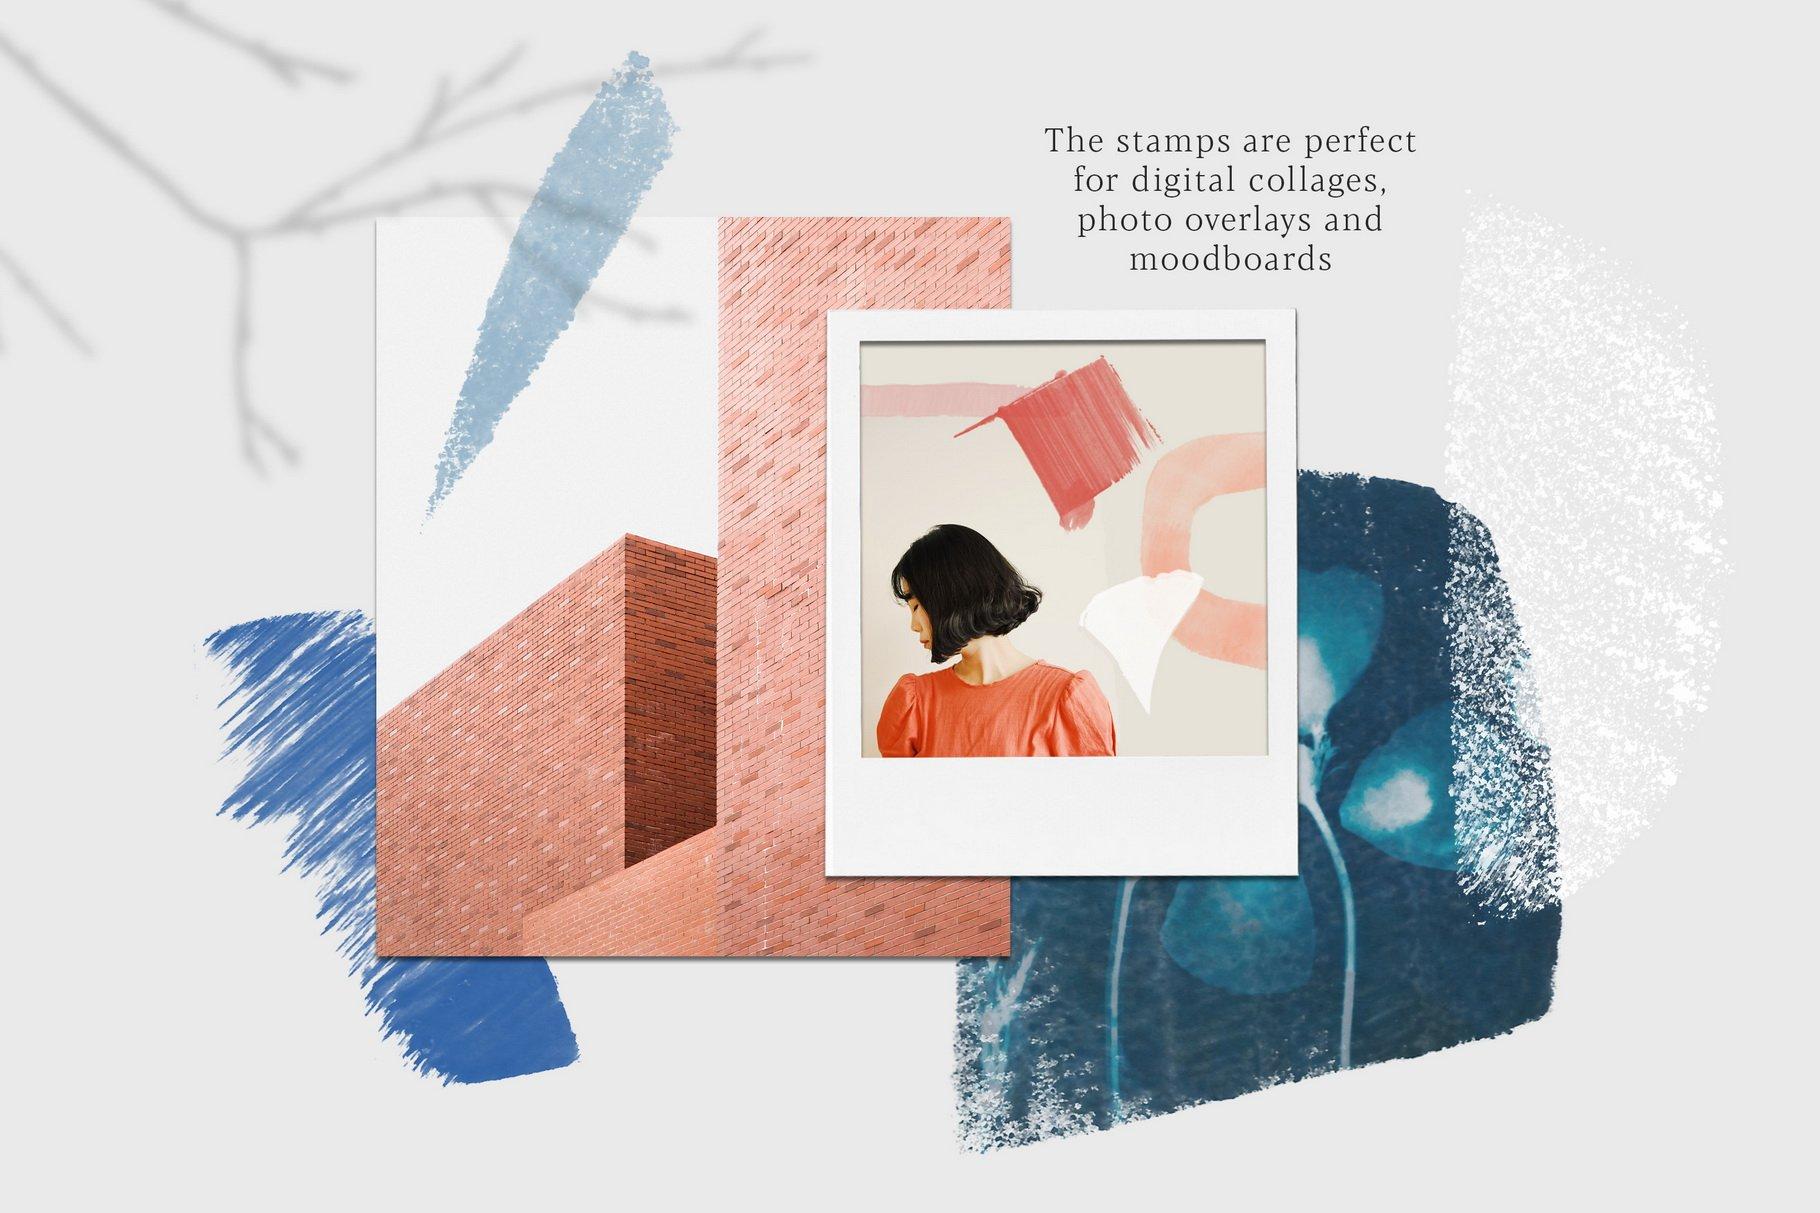 775款艺术气息水彩水墨丙烯酸绘画效果PS图章笔刷素材 Photoshop Stamp Brushes Bundle 2020插图8